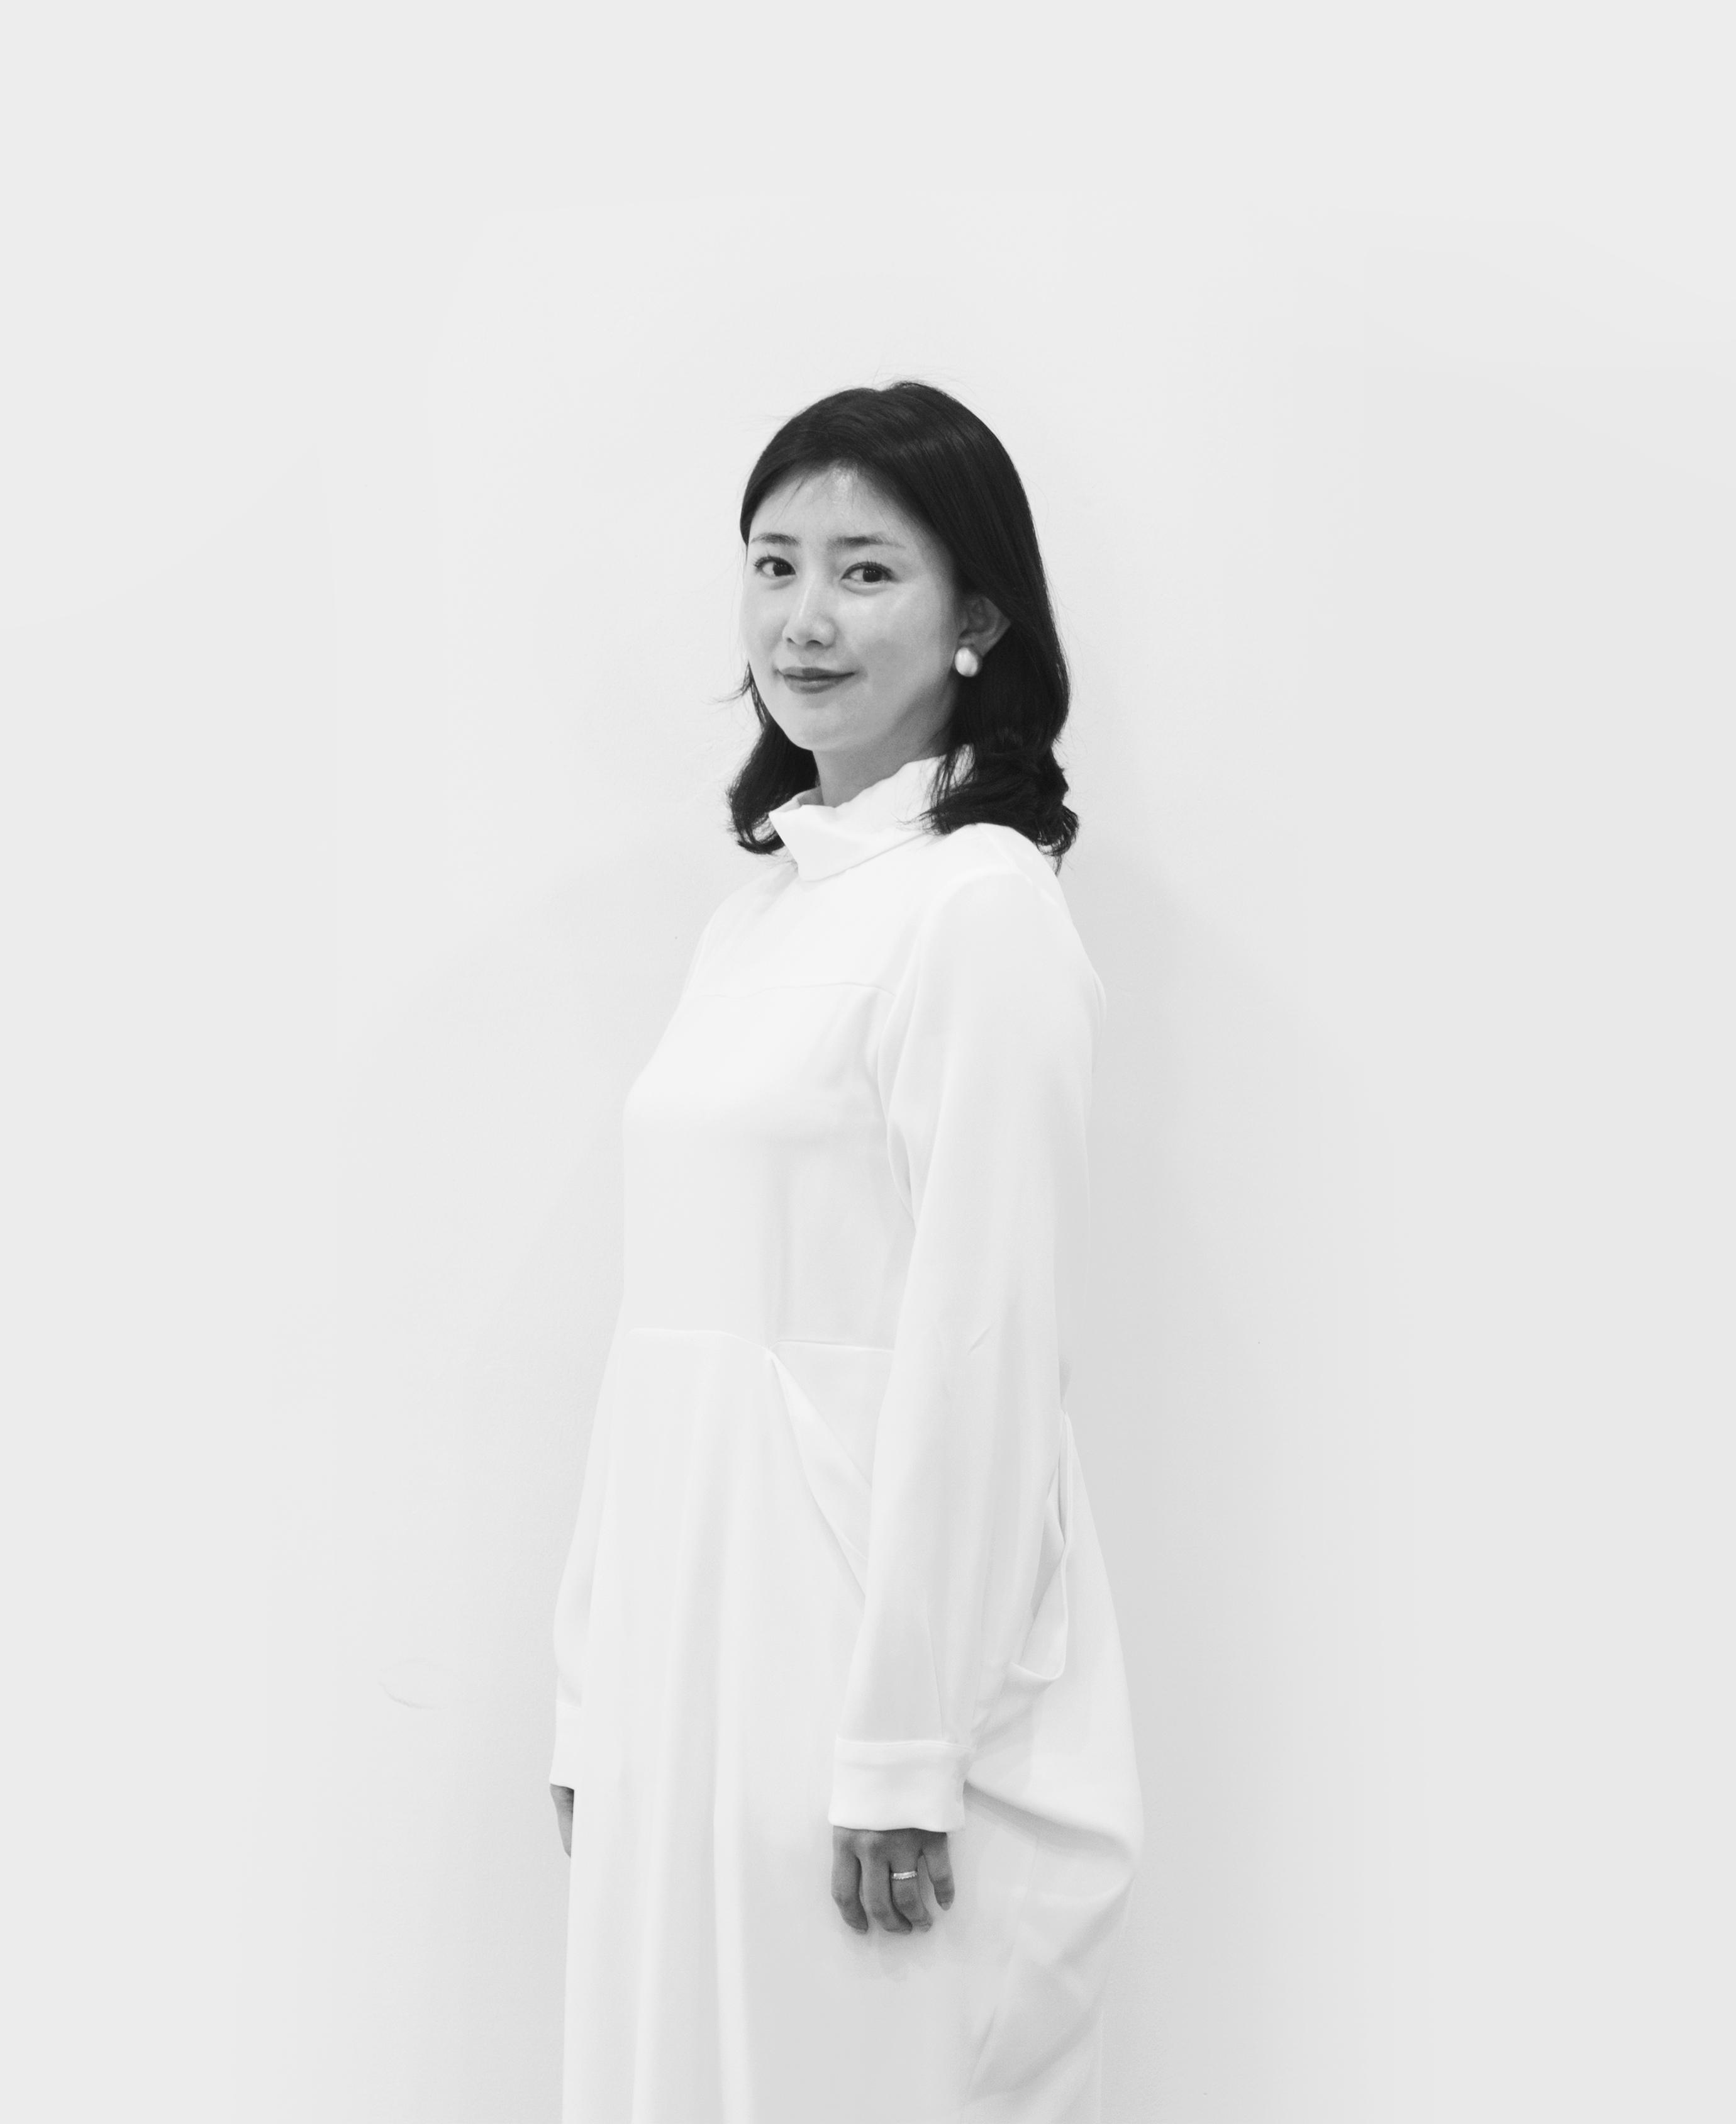 Jiyeon Ma